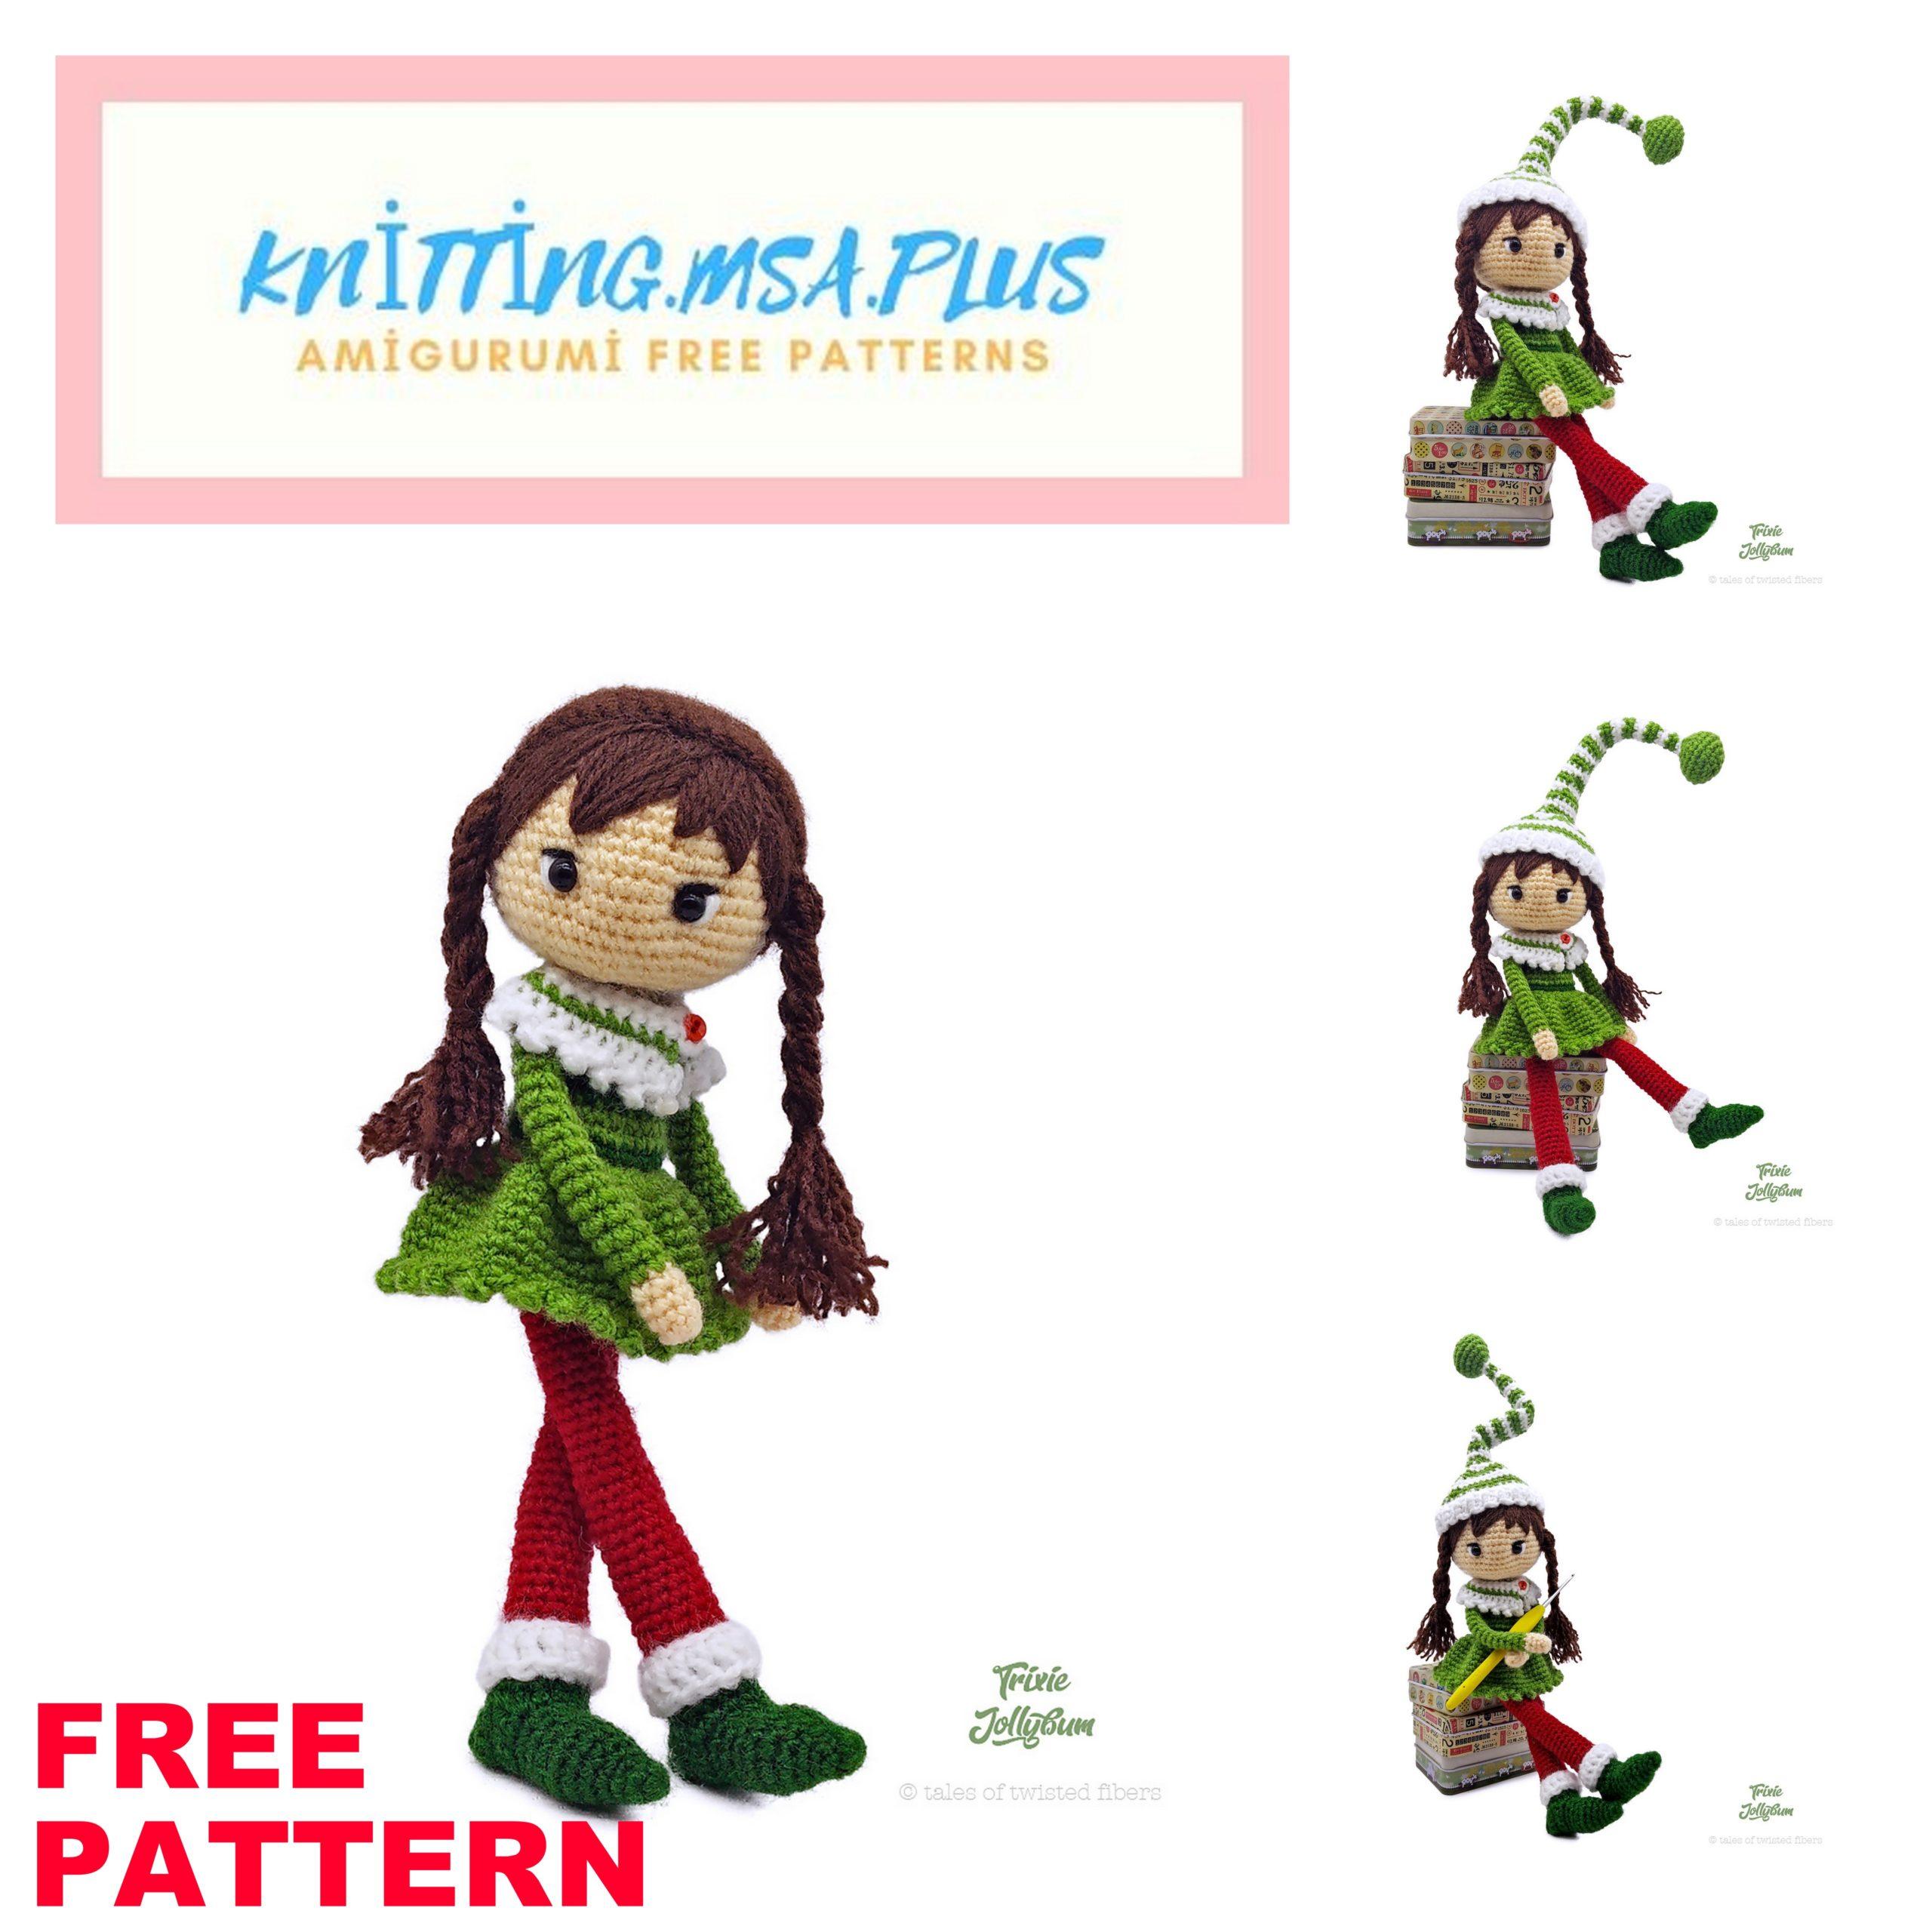 Amigurumi Trixie Doll Free Crochet Pattern